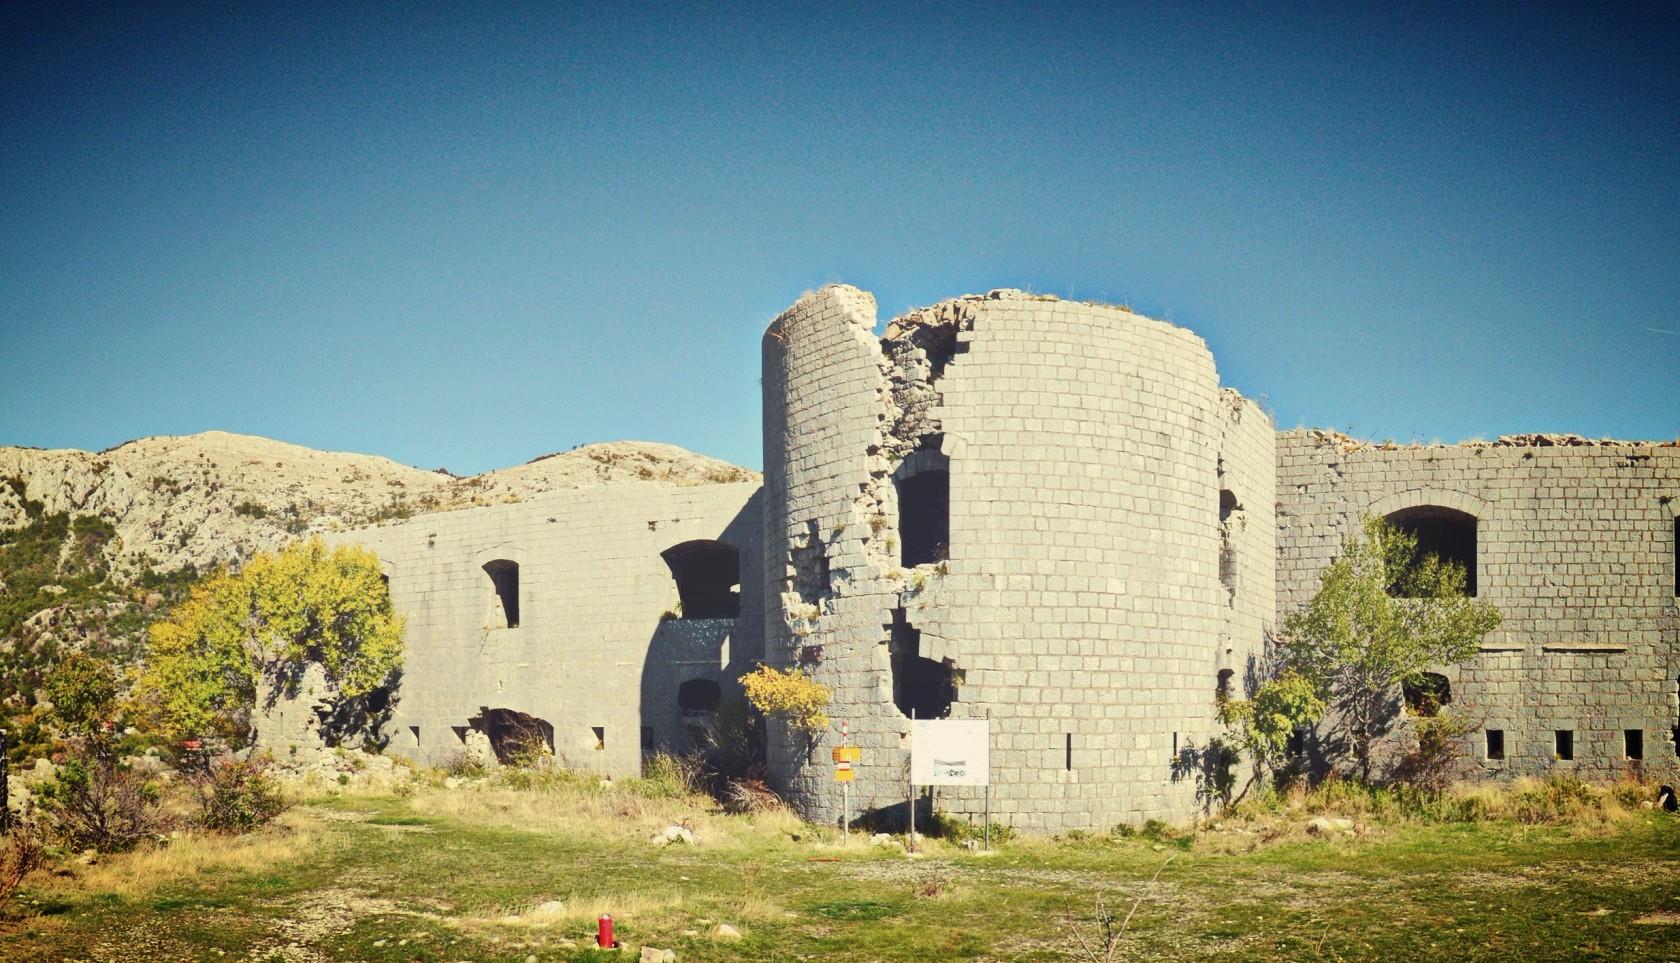 космач, экскурсии по черногории, гид по черногории, крепости черногории